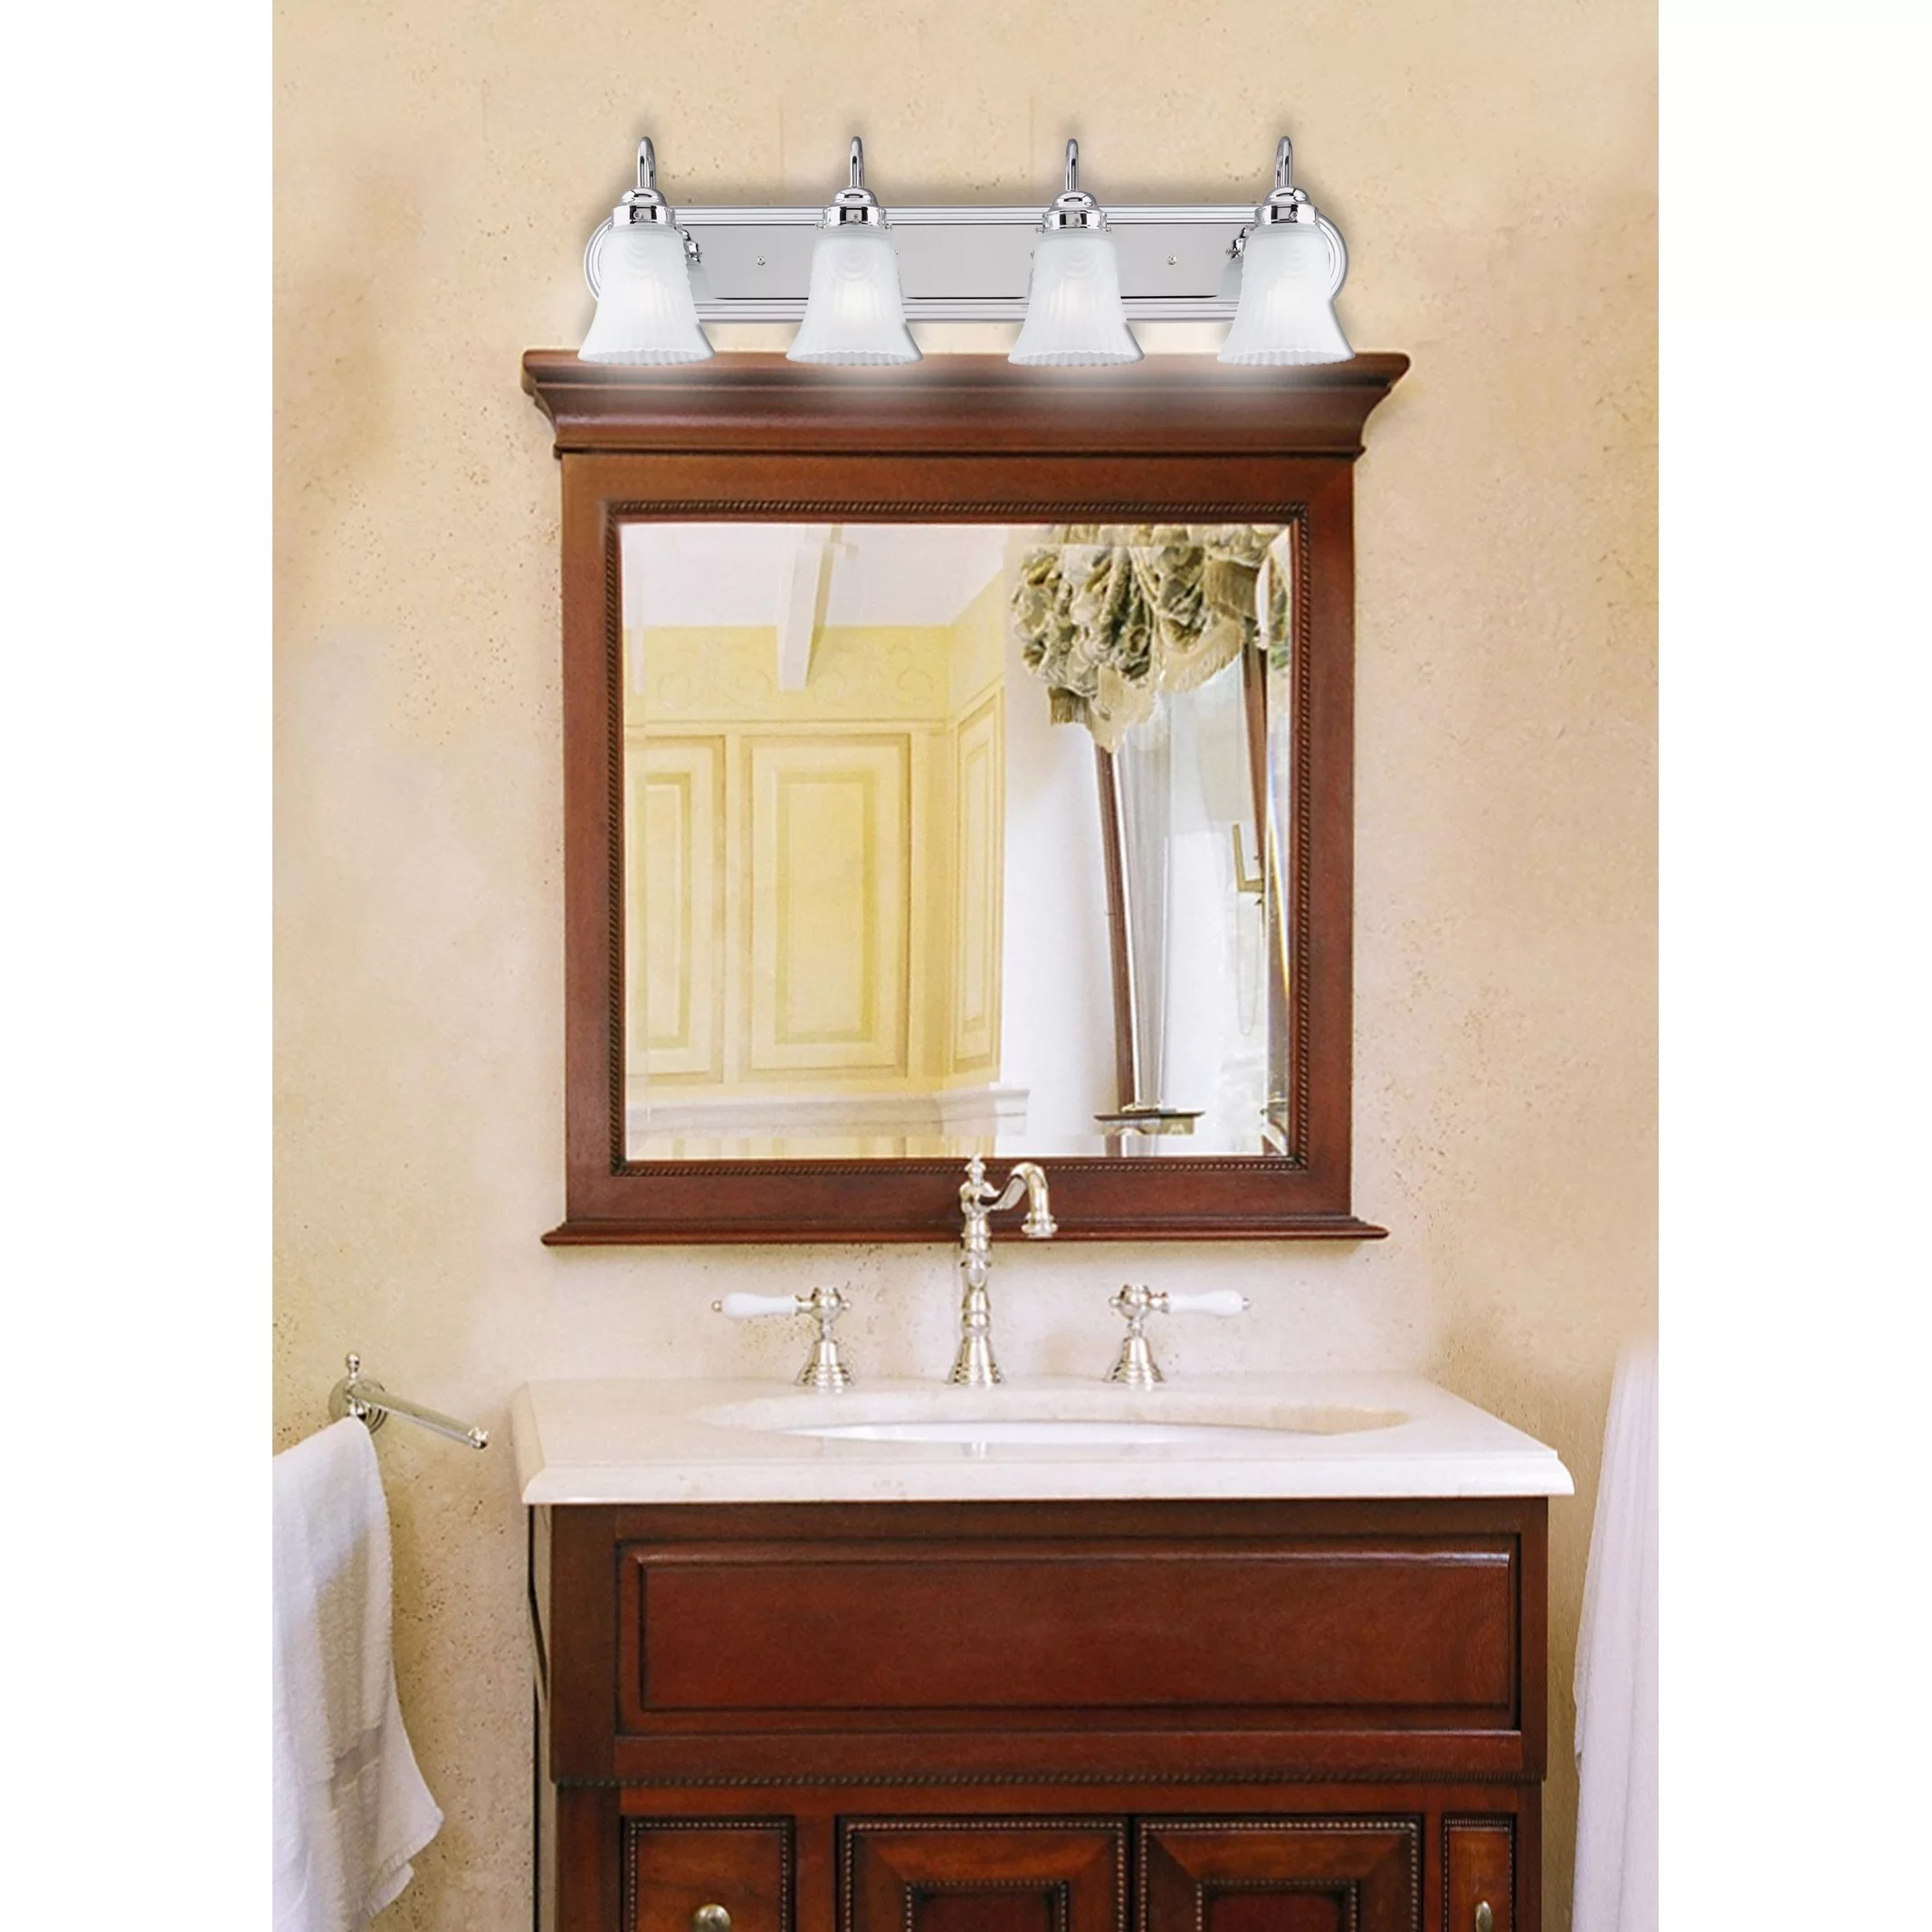 Bathroom Vanity Light Fixture